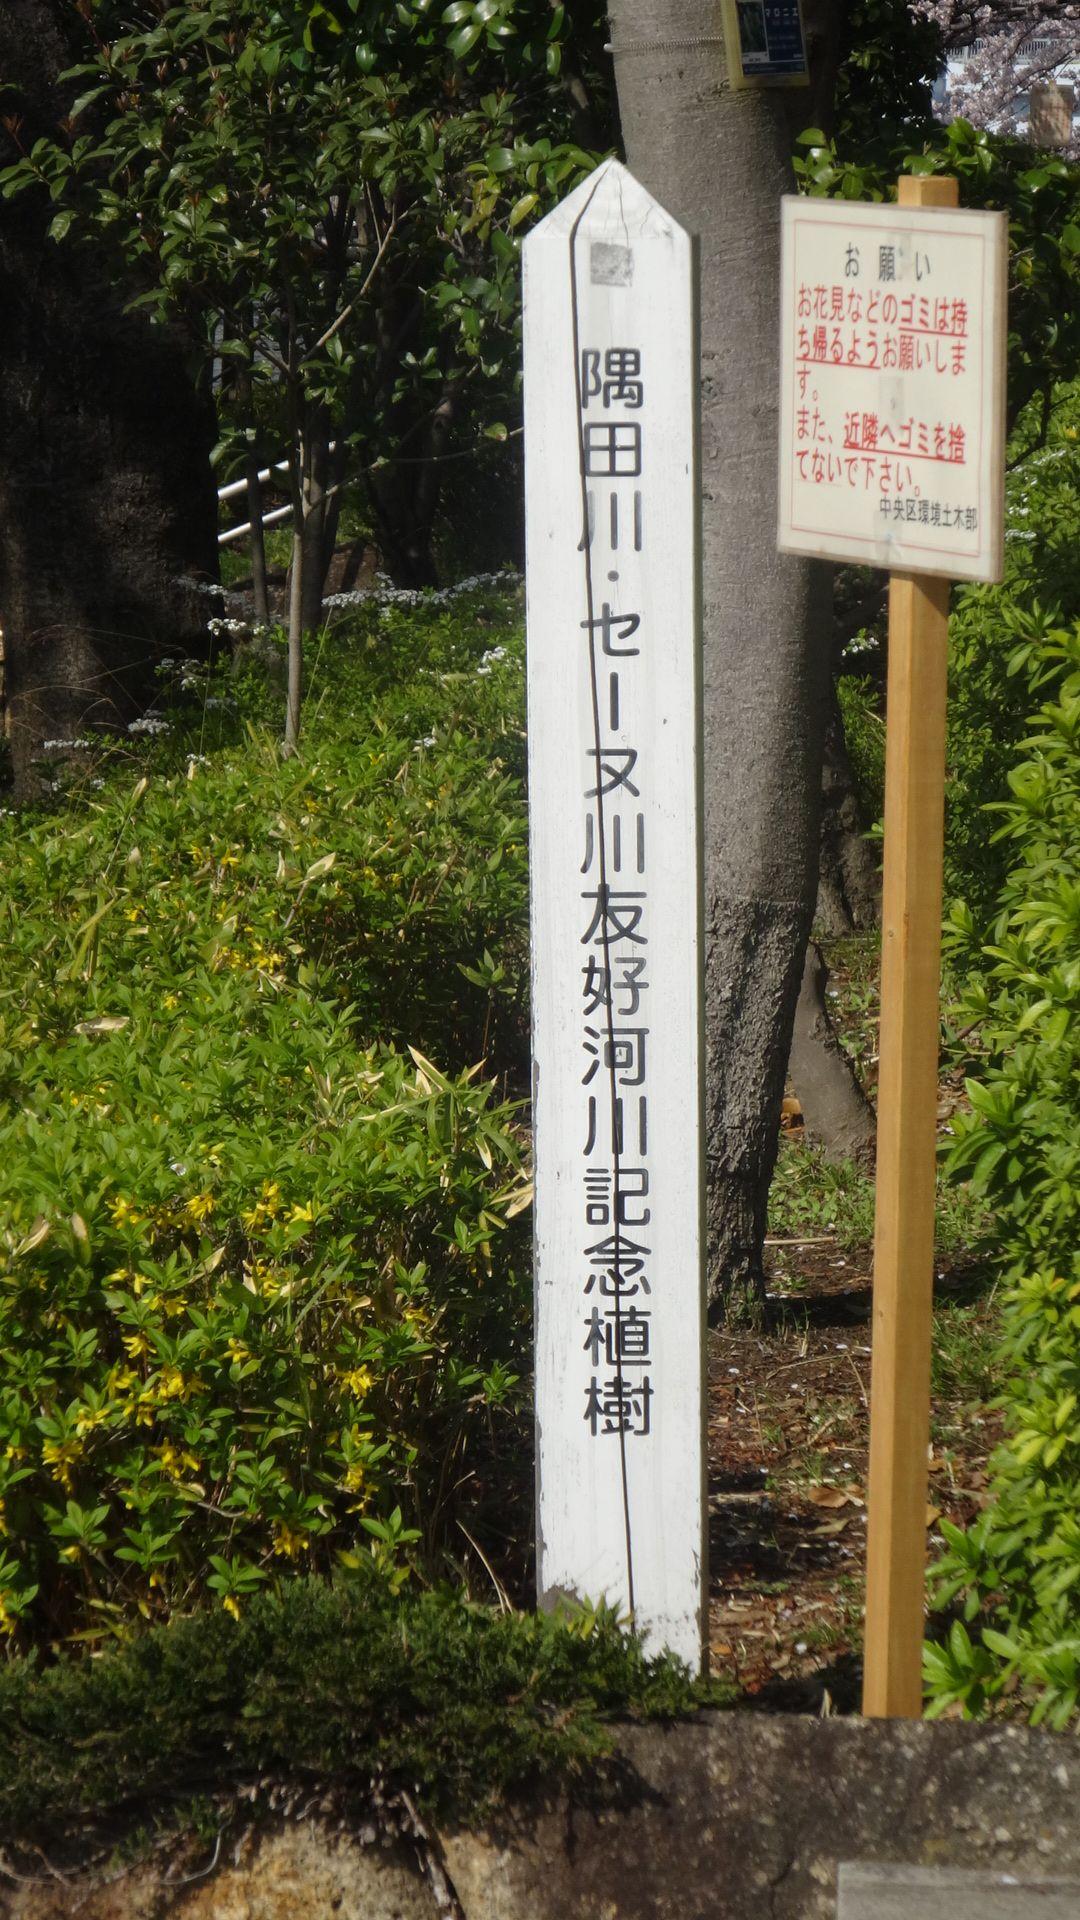 隅田川・セーヌ川・友好記念碑の写真